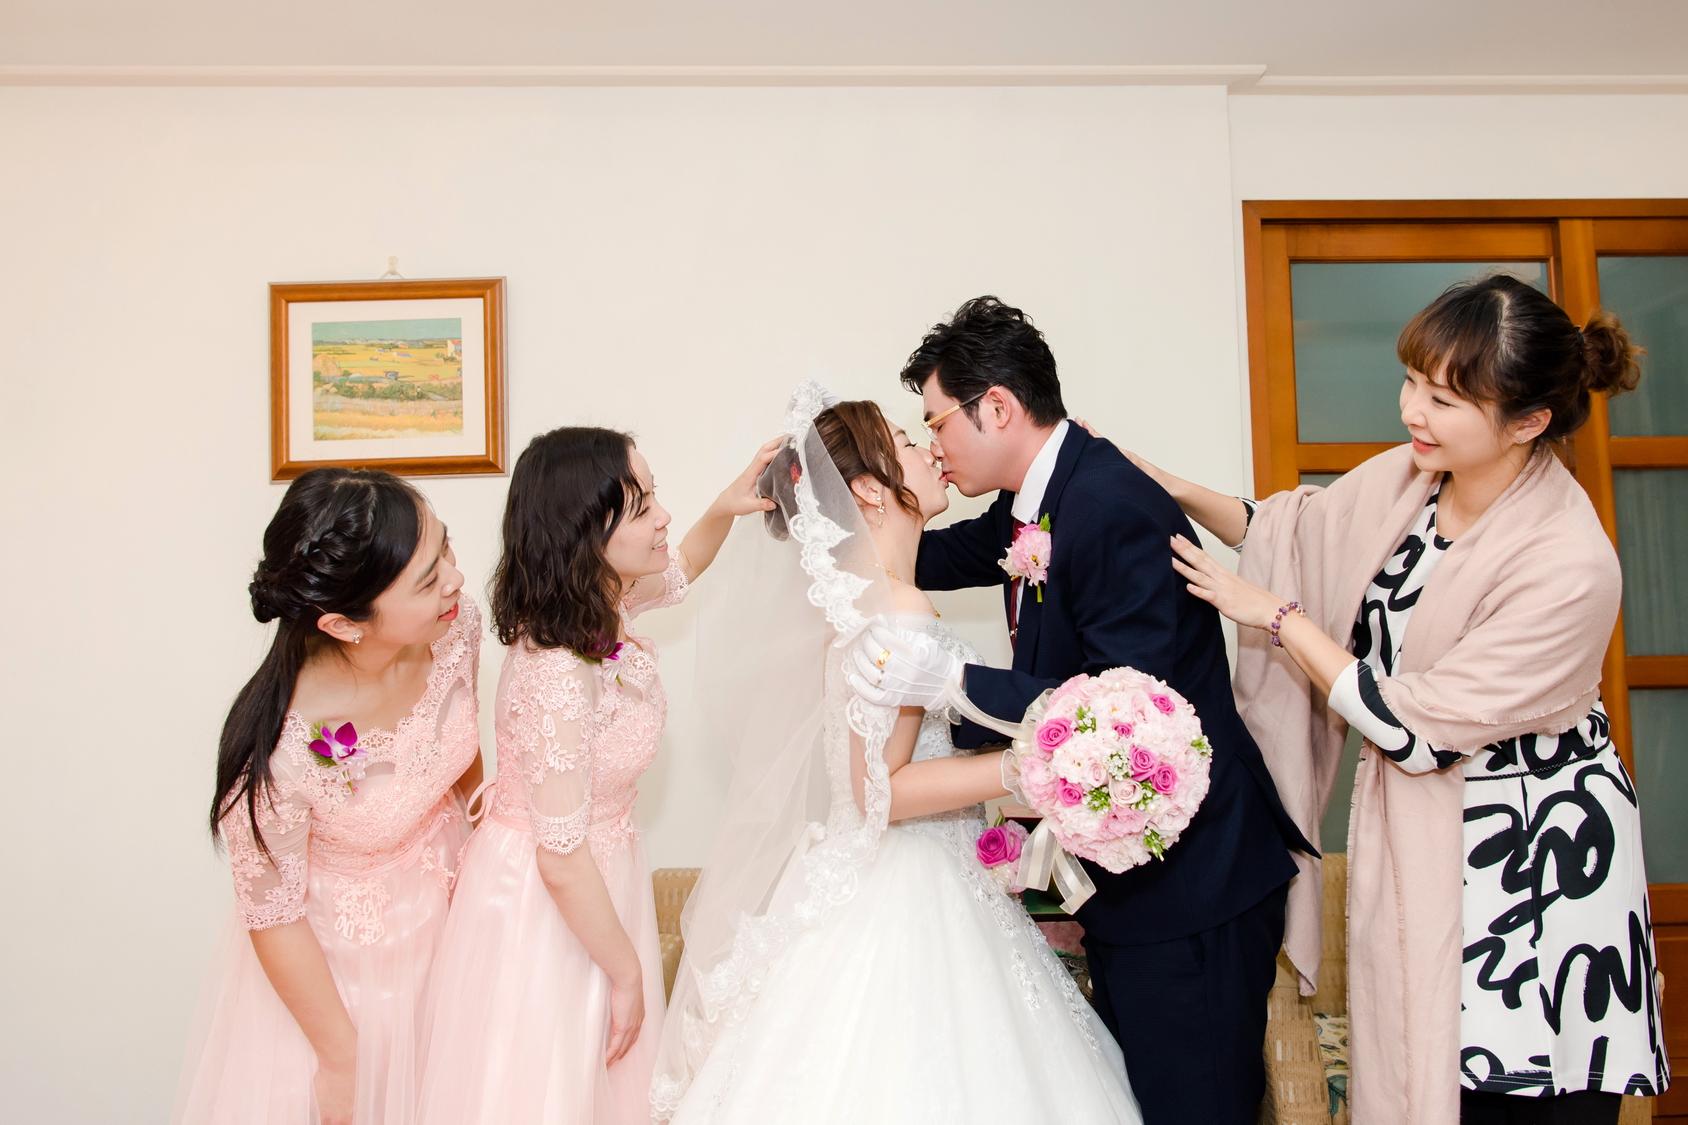 【比堤婚紗.結婚.婚禮紀錄】哲宇 ♥ 貝恩_31